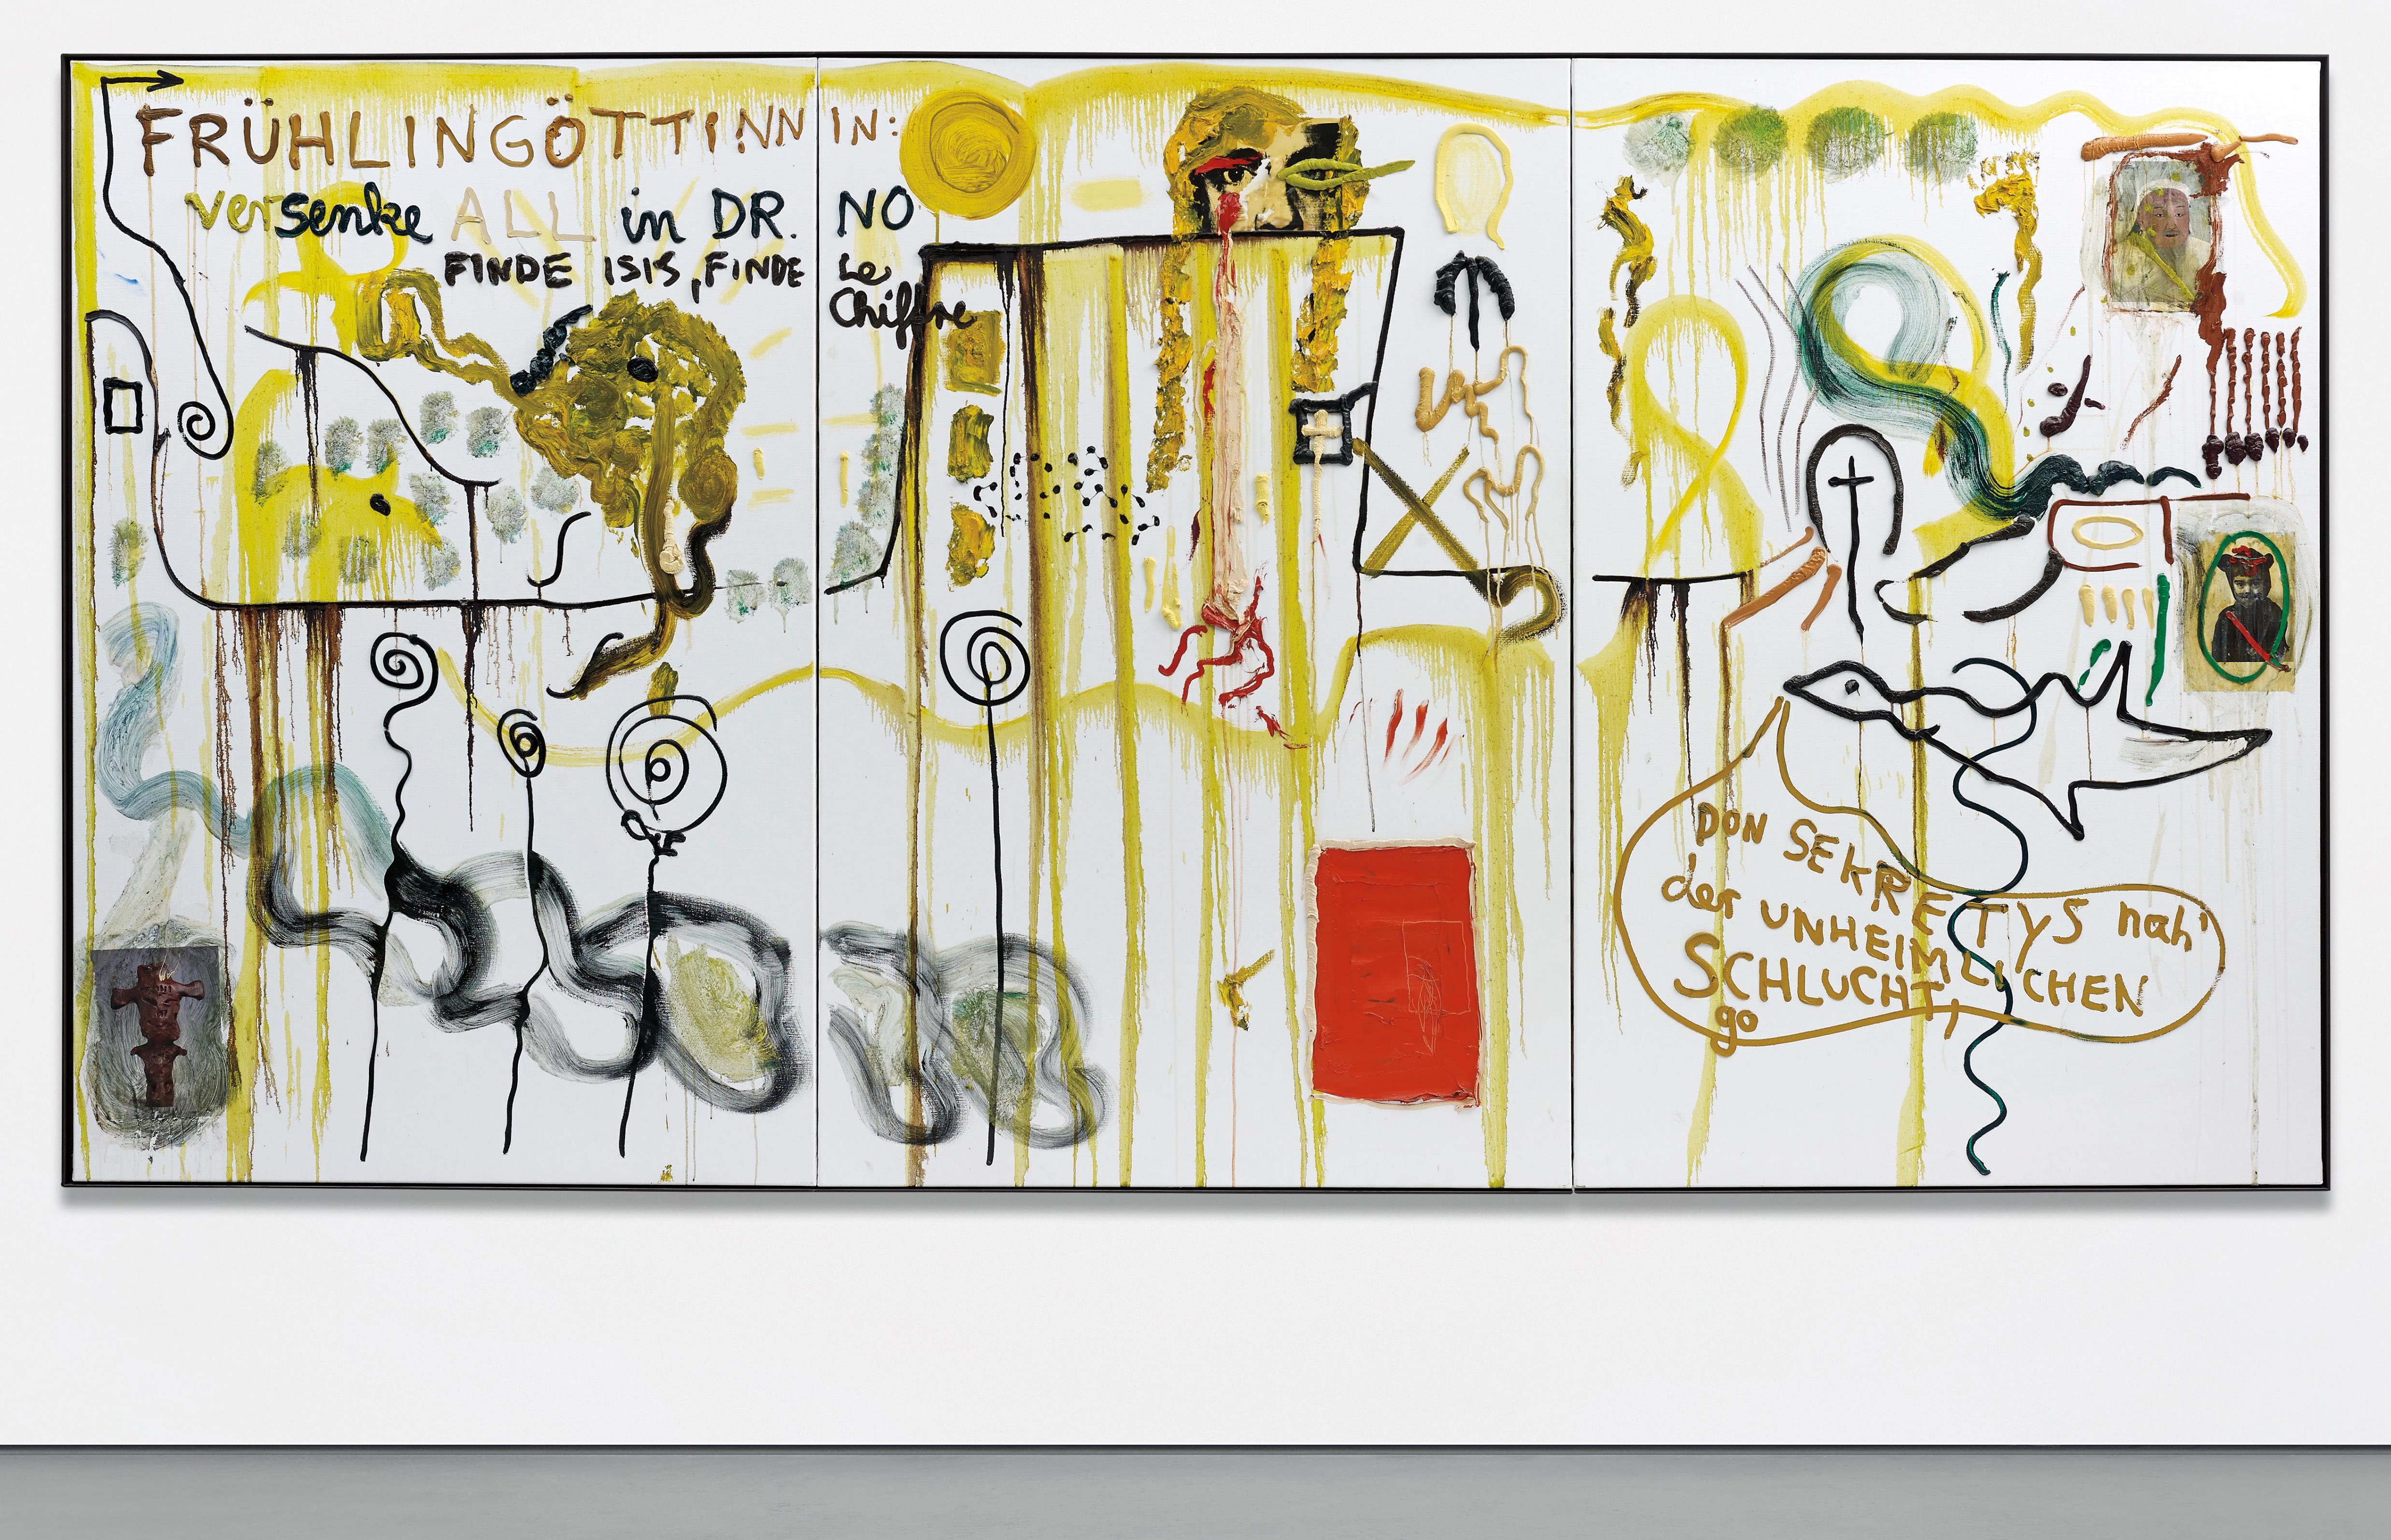 Jonathan Meese-Pony, Blankfisch, und Tschuss-2007